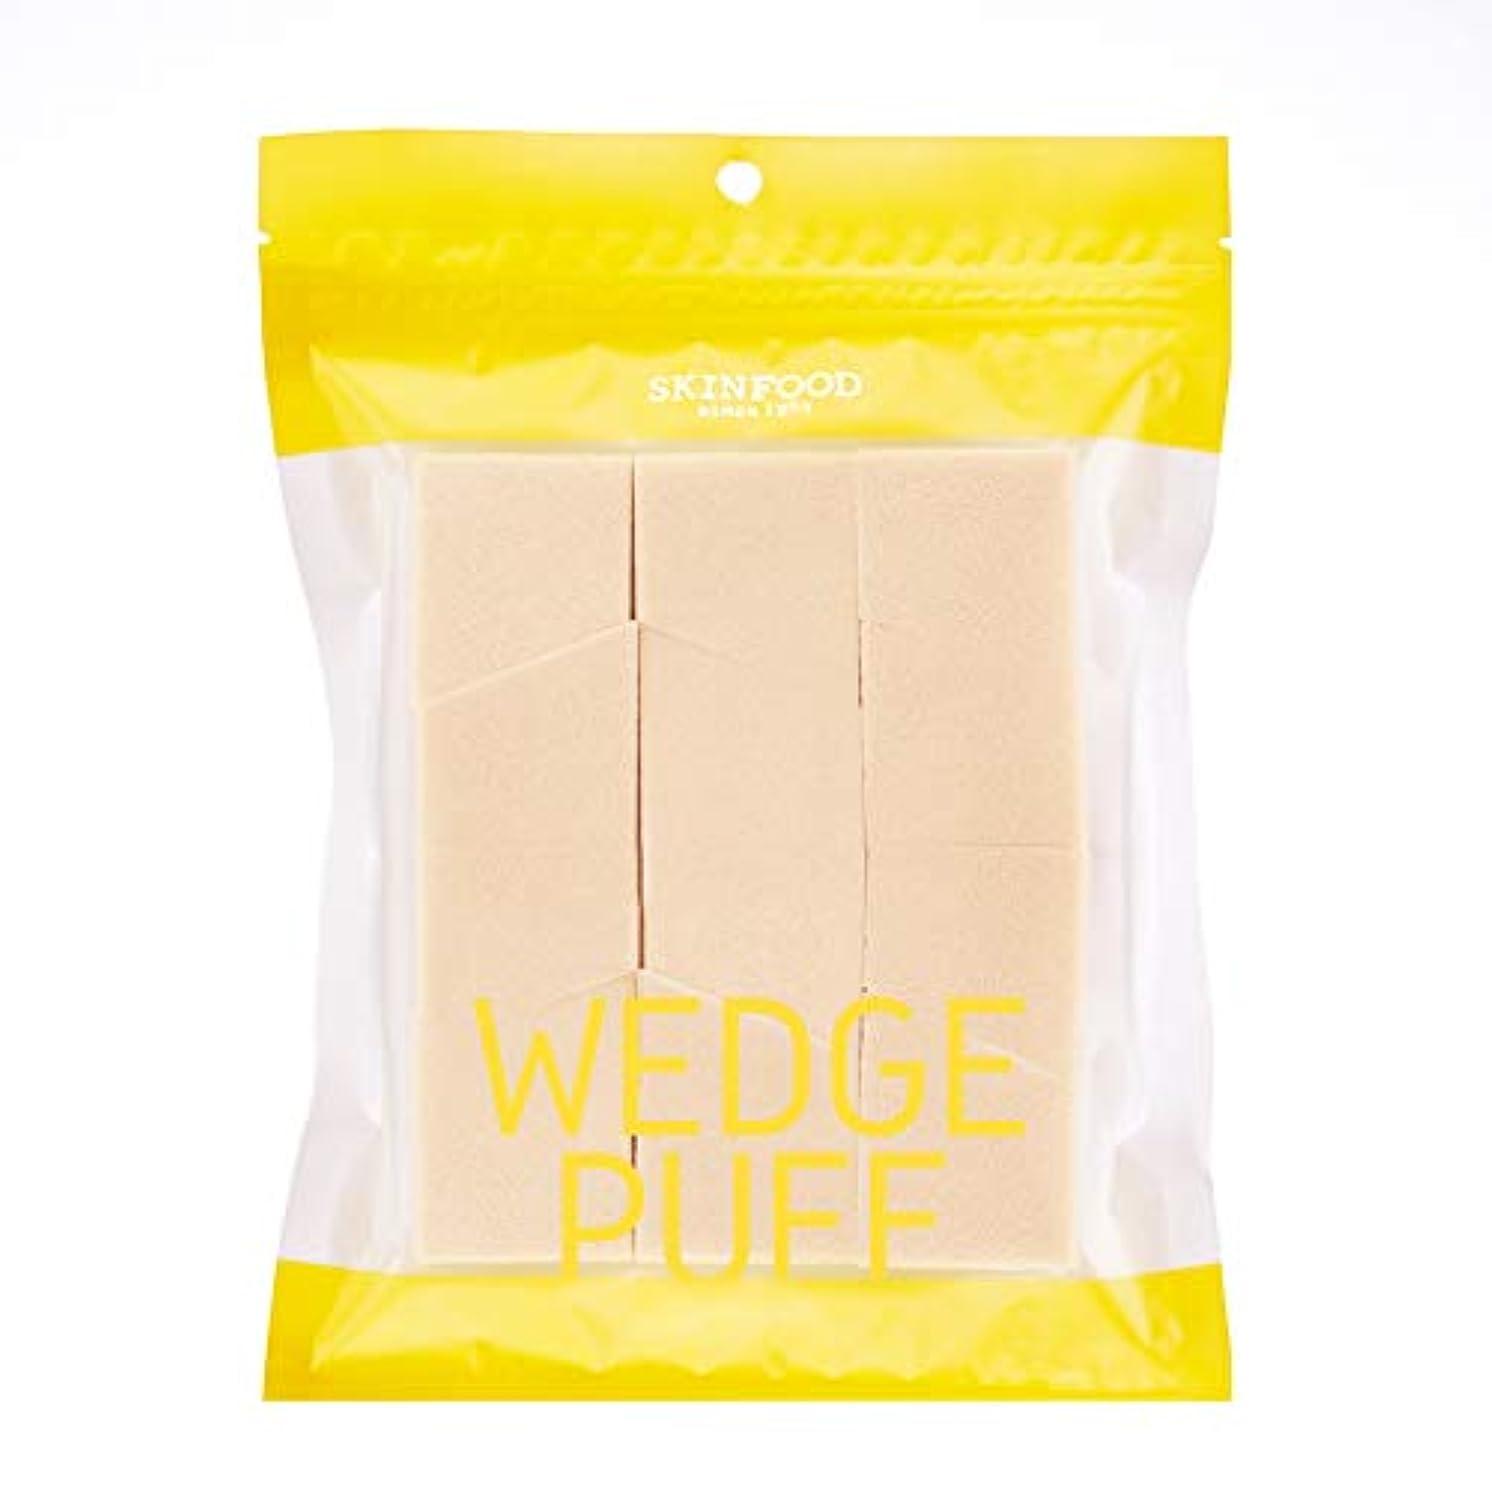 限り覚えているファブリック[2016 New] SKINFOOD Wedge Puff Sponge Jumbo Size (12pcs)/スキンフード ウェッジ パフ スポンジ ジャンボサイズ (12個入り)